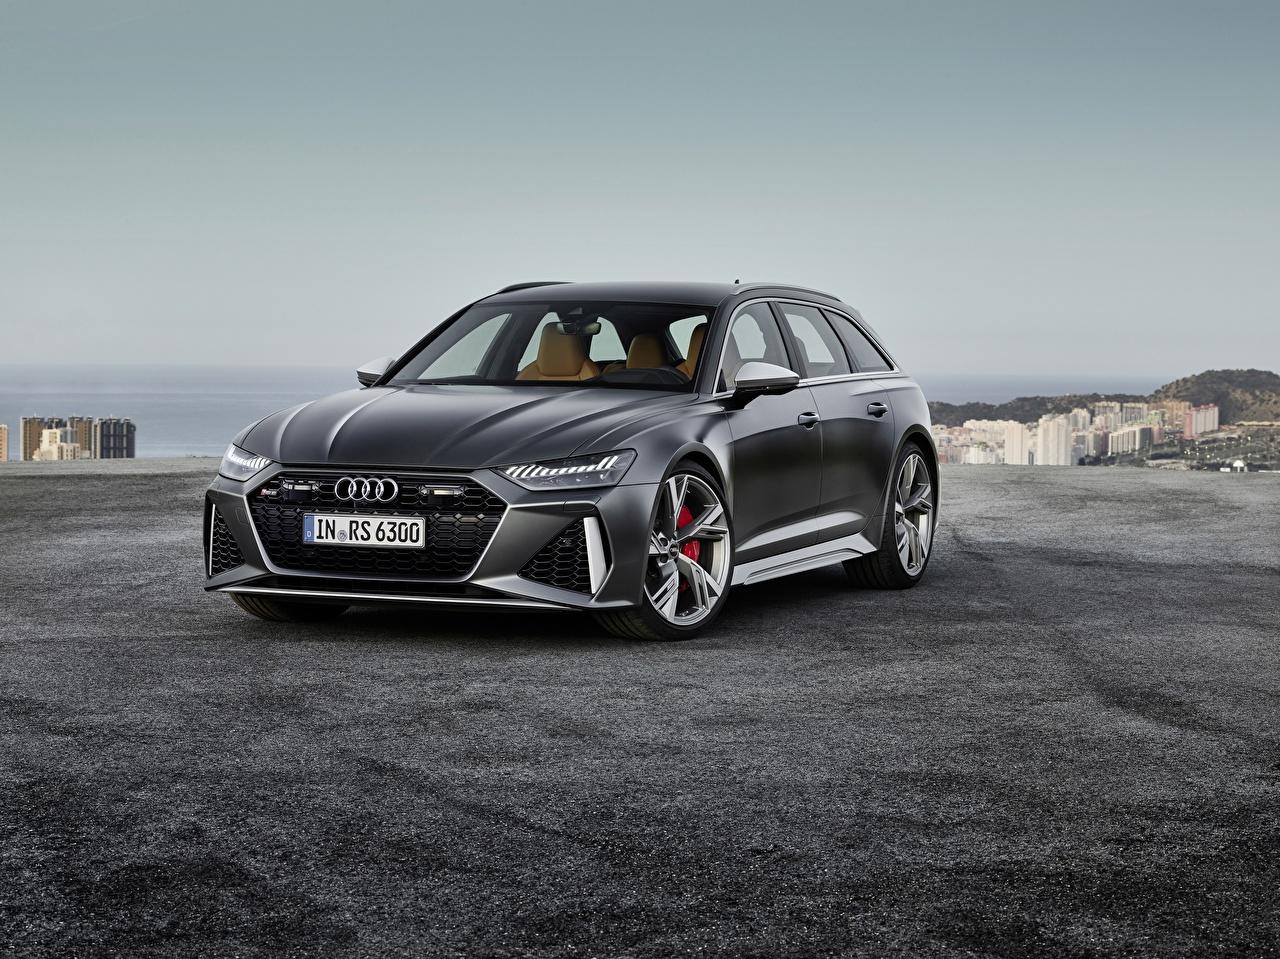 Картинка Ауди Avant, RS6, 2019 черная Металлик Автомобили Audi черных черные Черный авто машина машины автомобиль